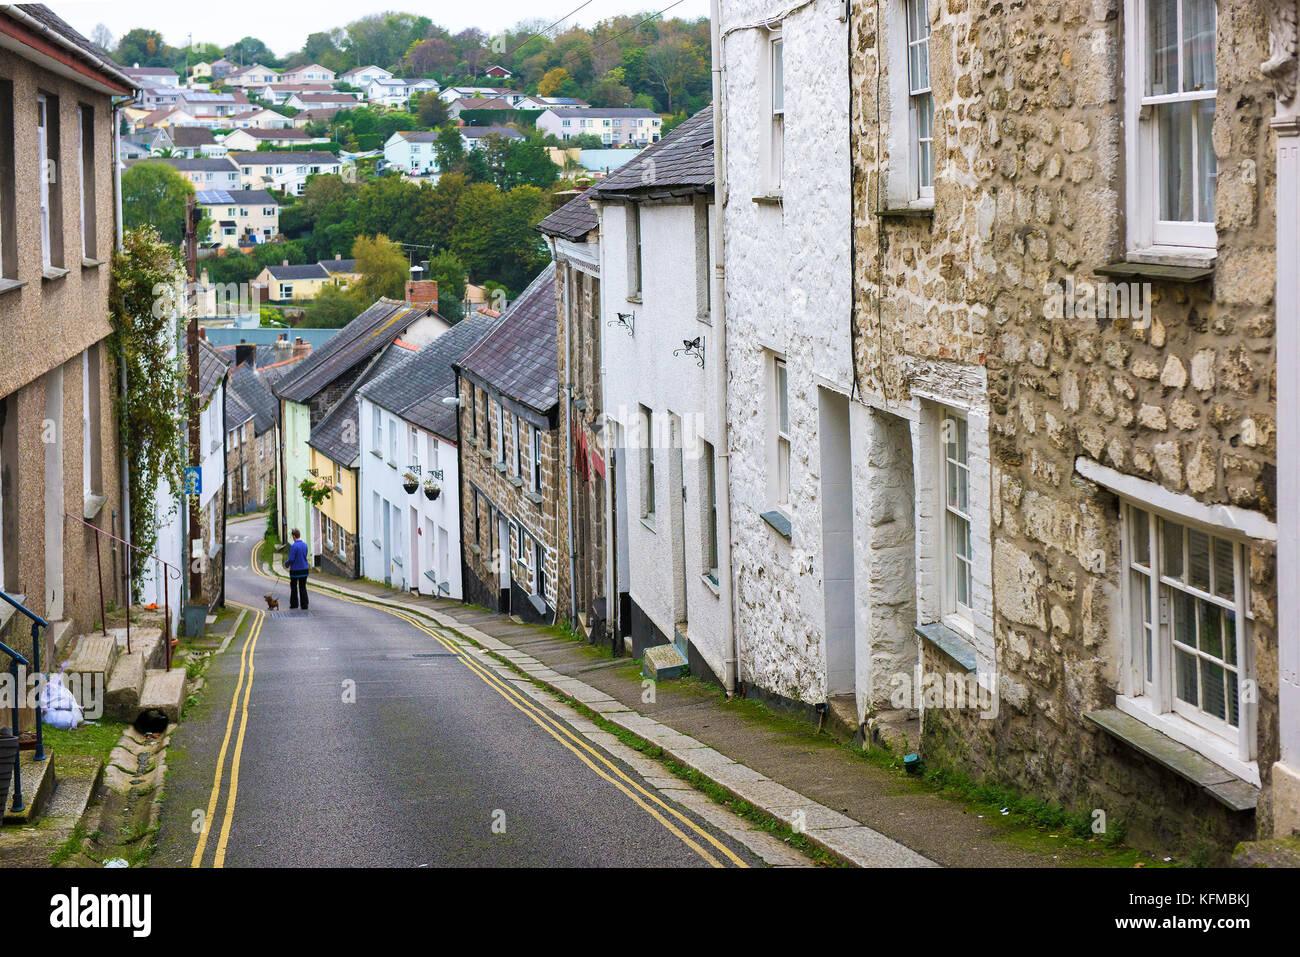 Malerische Straße - Das malerische St Gluvias Straße im Penryn in Cornwall. Stockbild